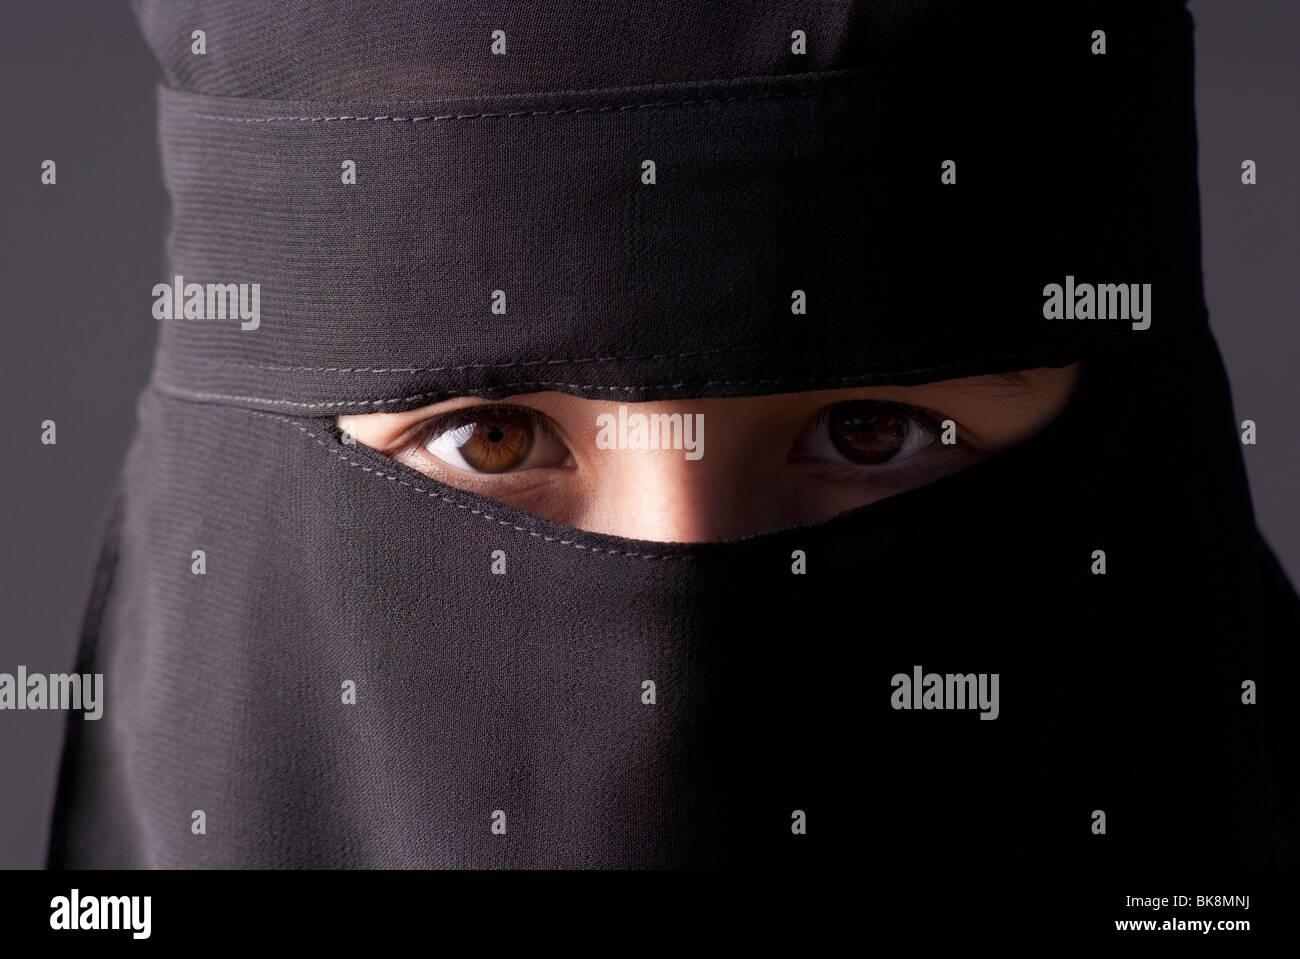 Looking for guy voyeur milf schön jiggly arsch spion 69 wide open and